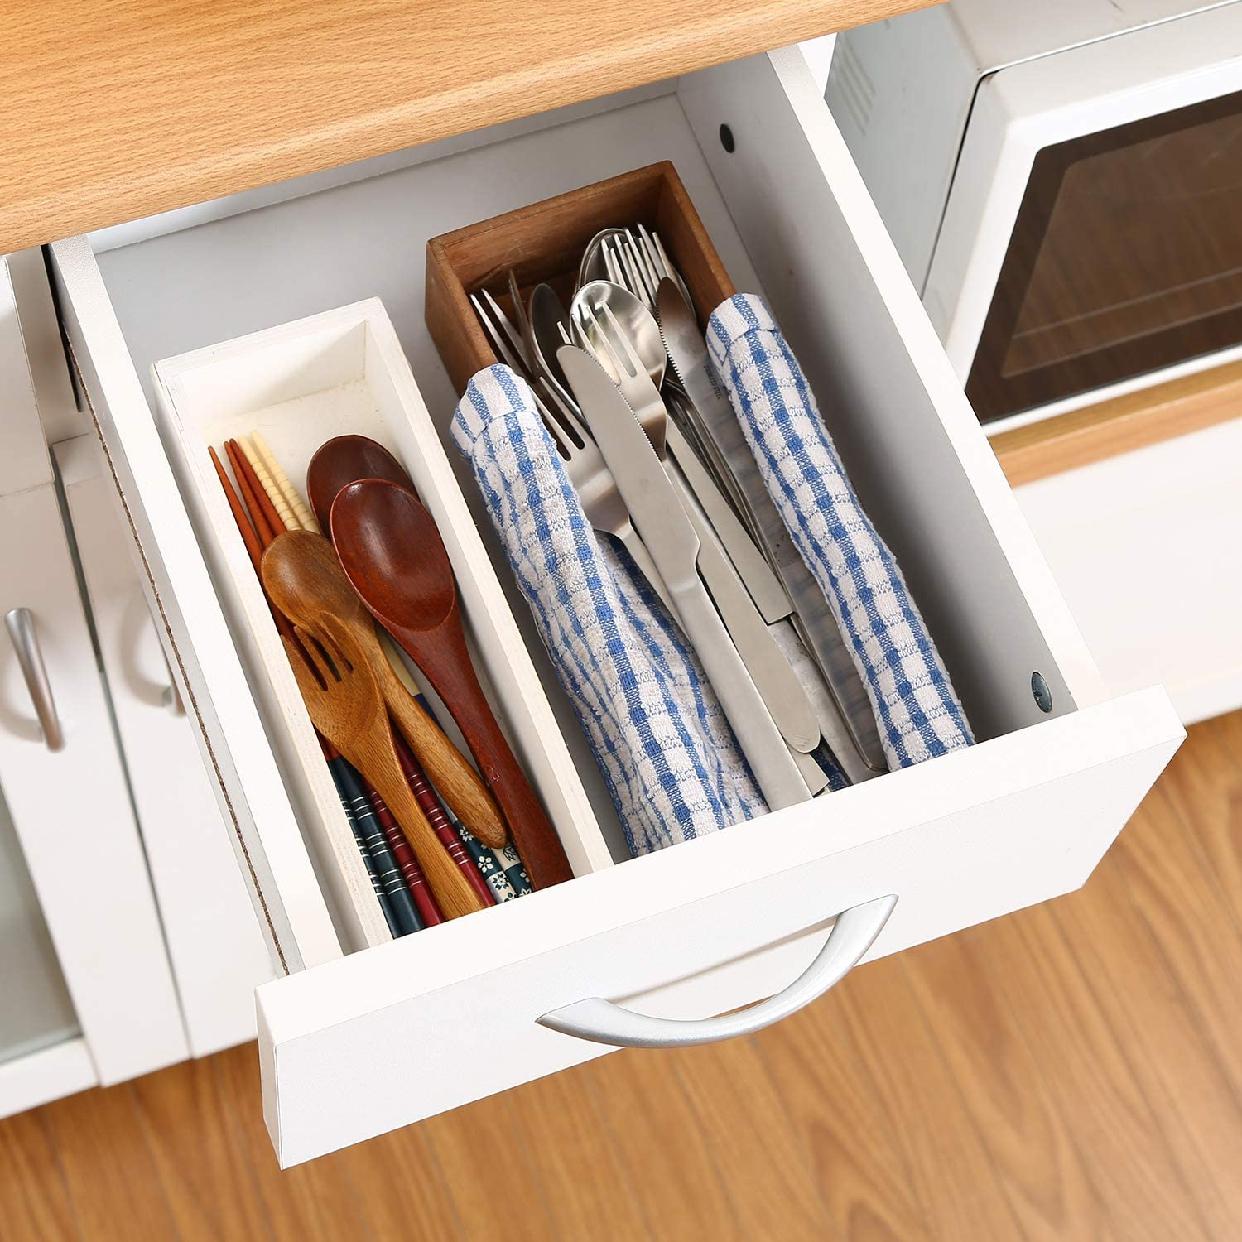 Sage(サージュ)キッチンカウンター 96820 幅120cmの商品画像9